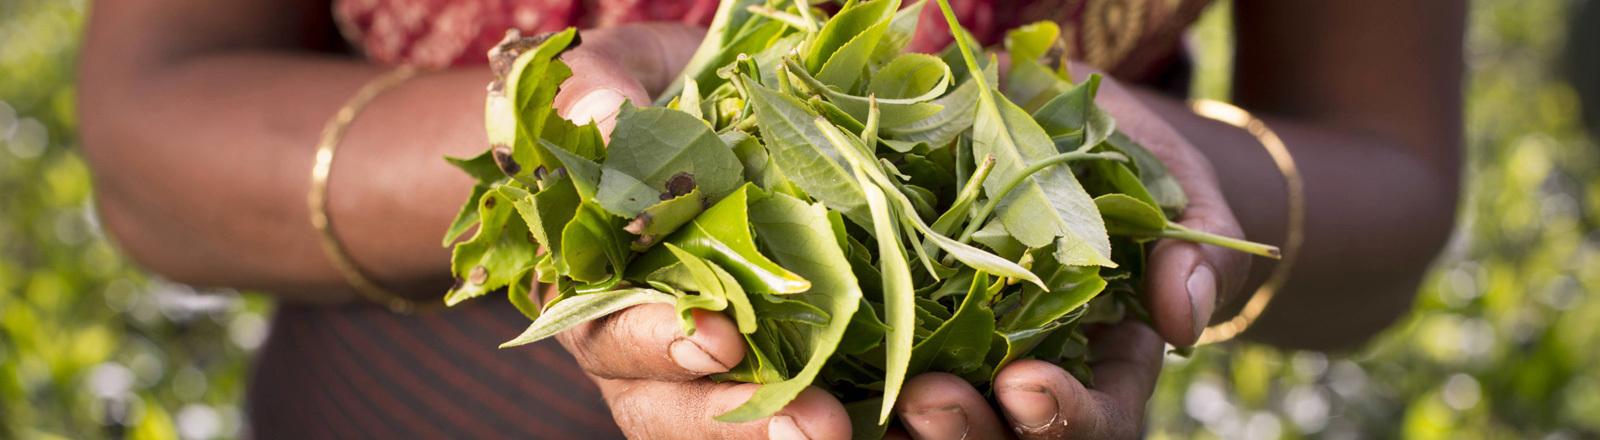 In zwei Händen liegen Blätter der grünen Teepflanze.